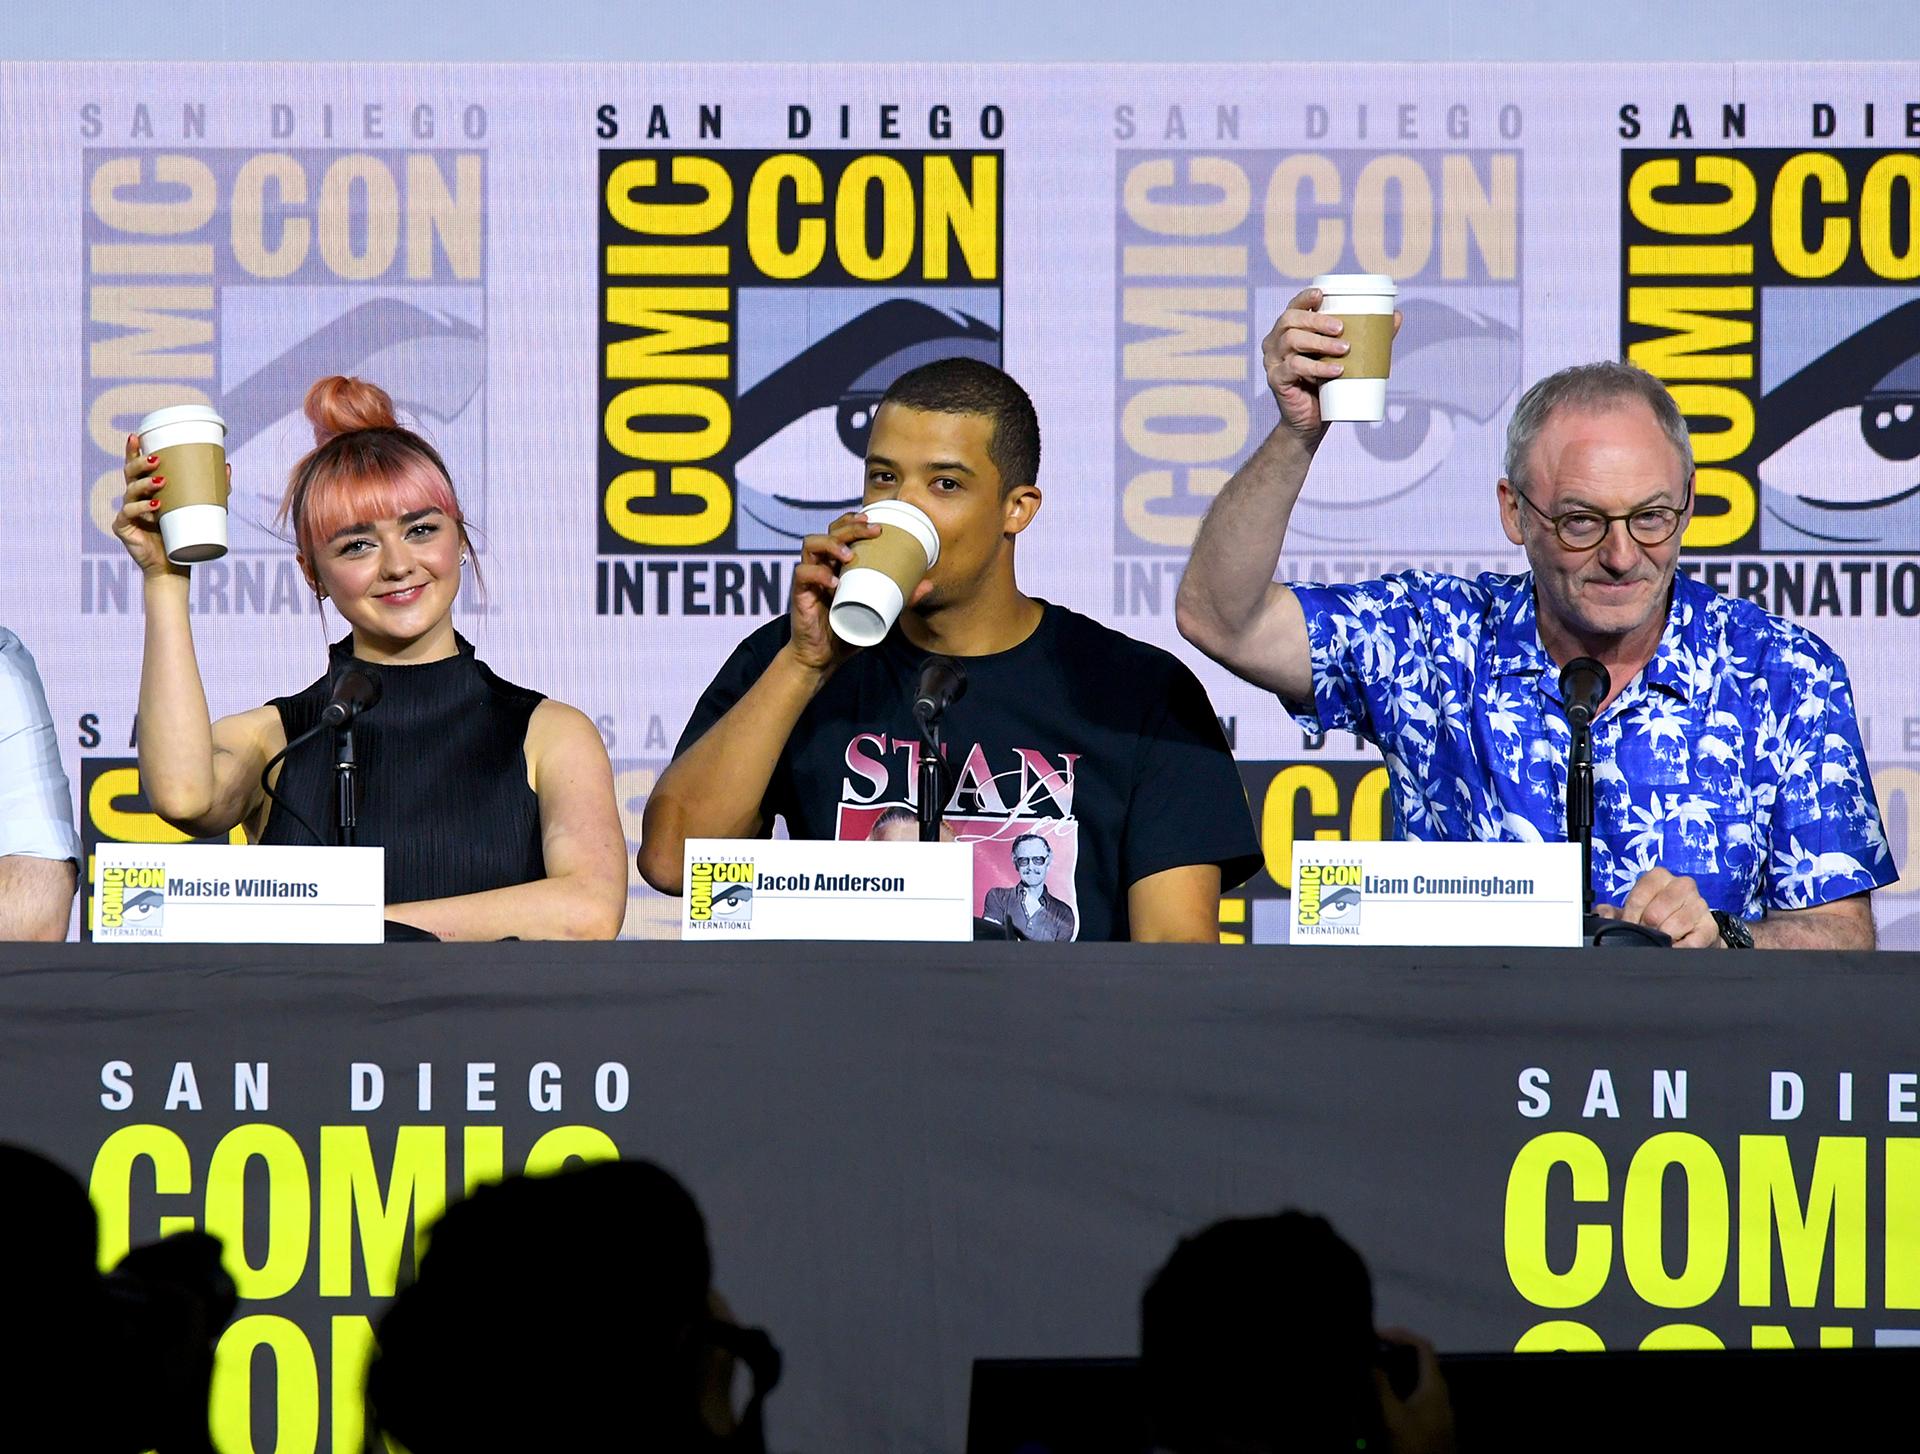 El panel con parte del elenco de 'Game of Thrones' , de izquierda a derecha: Maisie Williams, Jacob Anderson, and Liam Cunningham